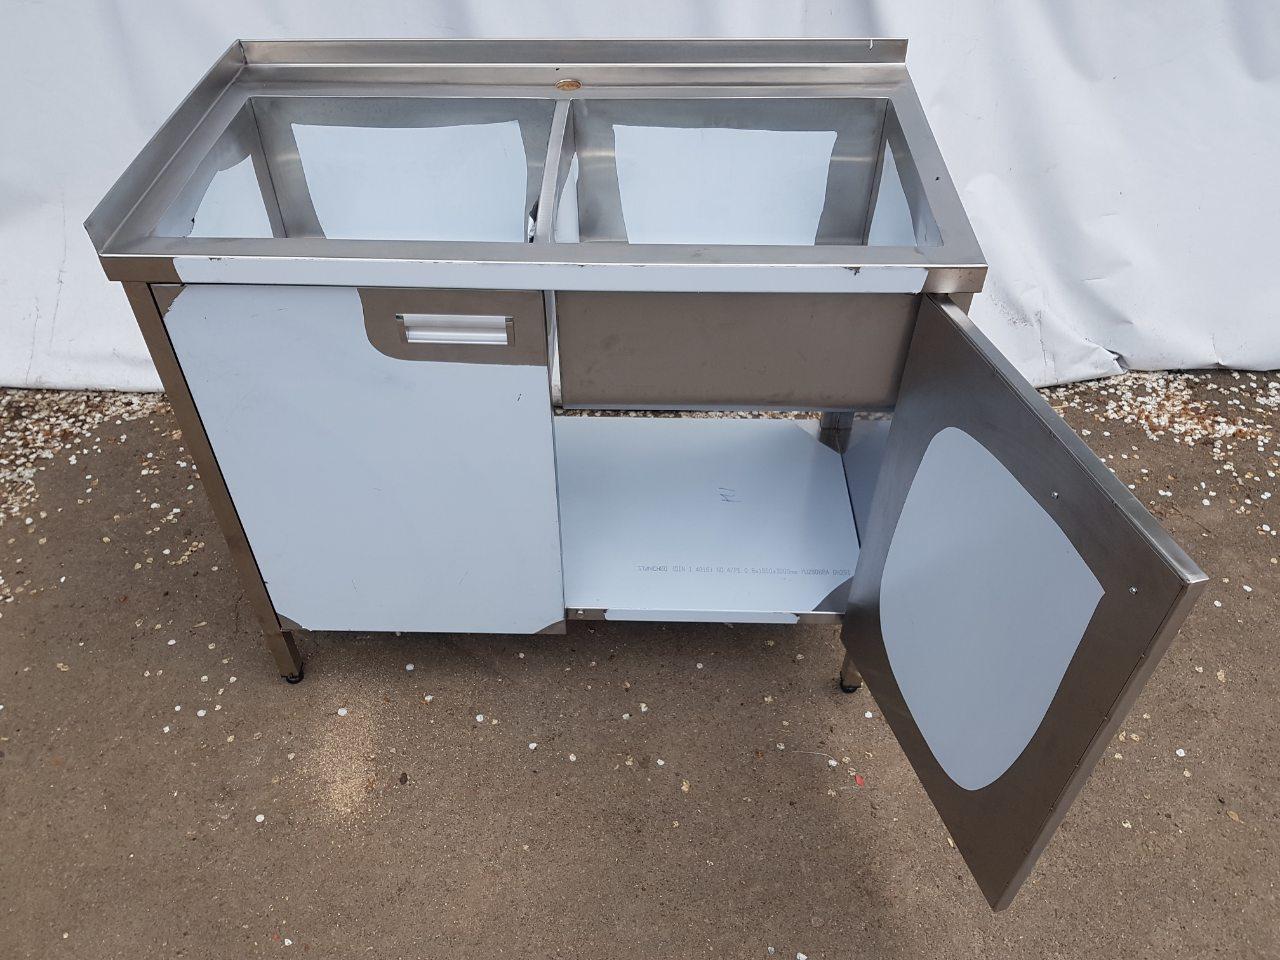 Мойка производственная 2-х секционная сварная (1200 x 600 x 850) - фотография №1